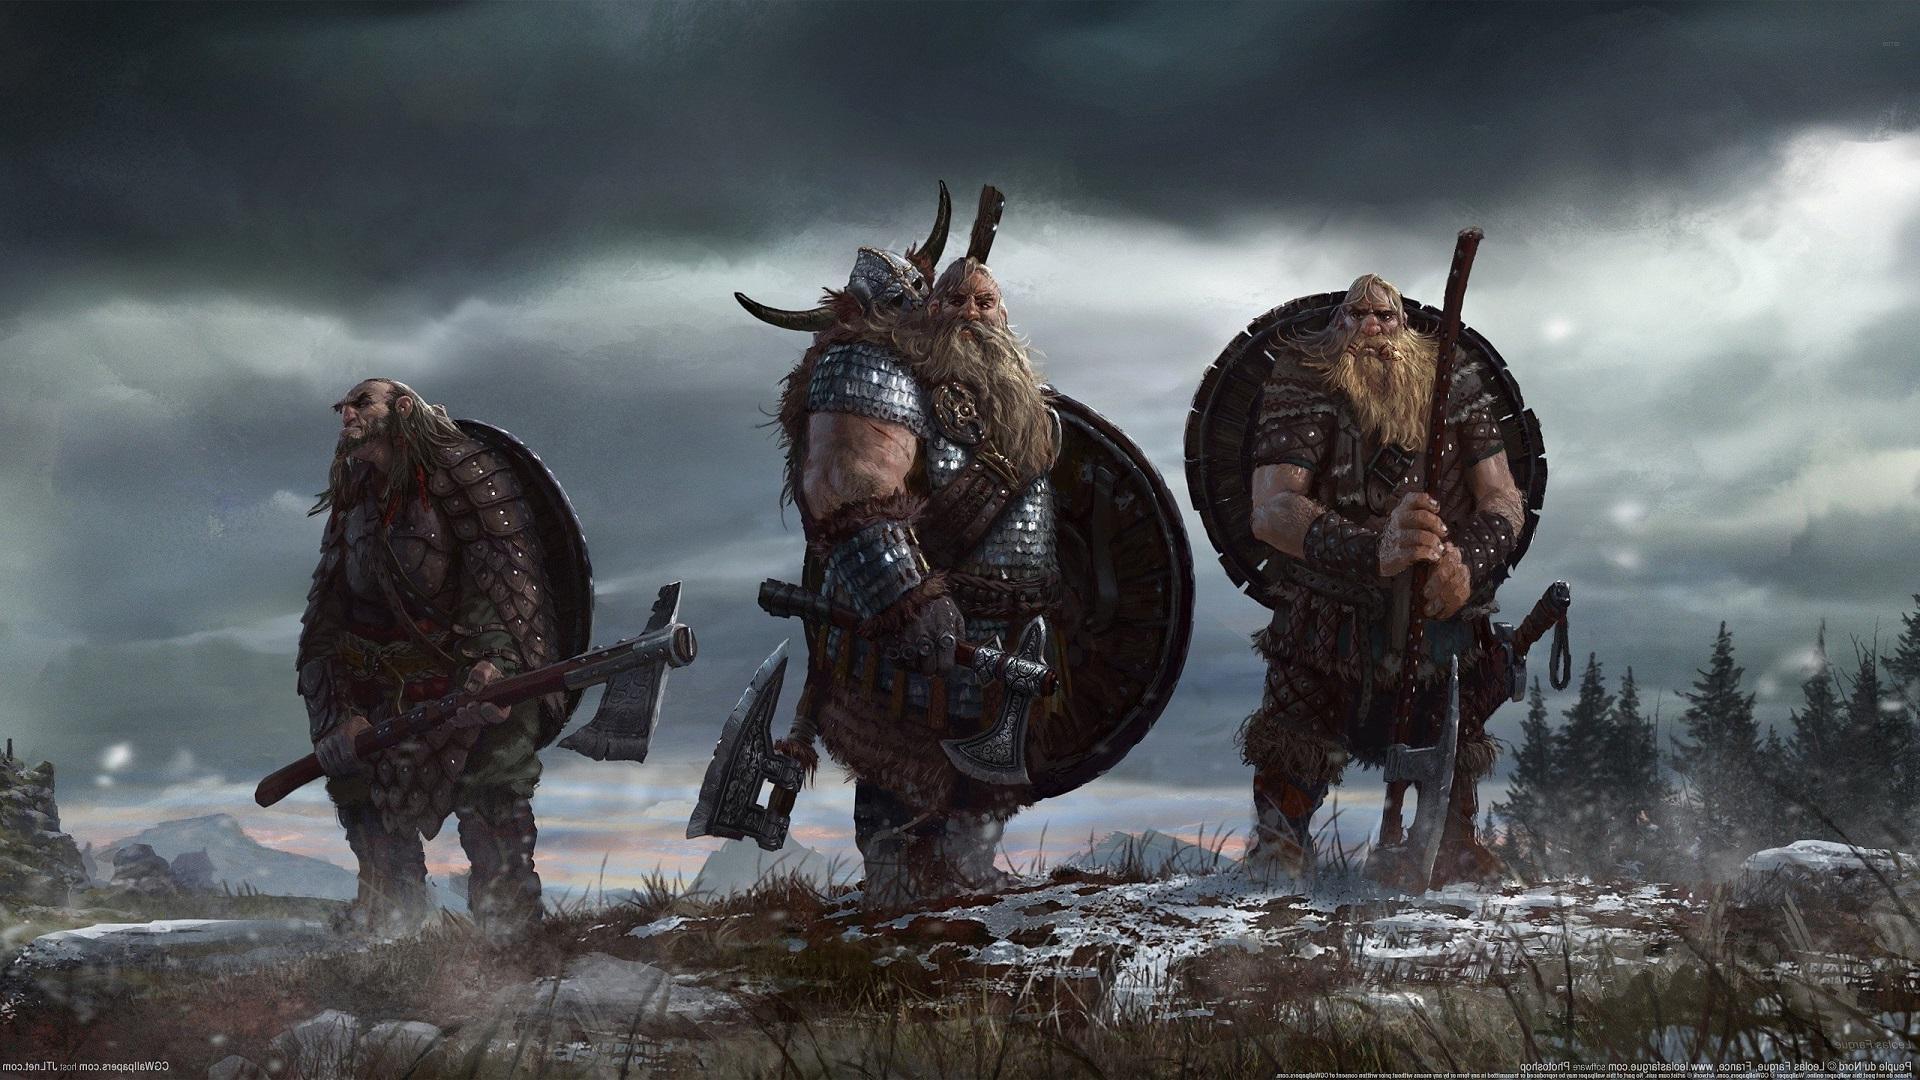 Free viking wallpaper wallpapersafari for Define scandinavian